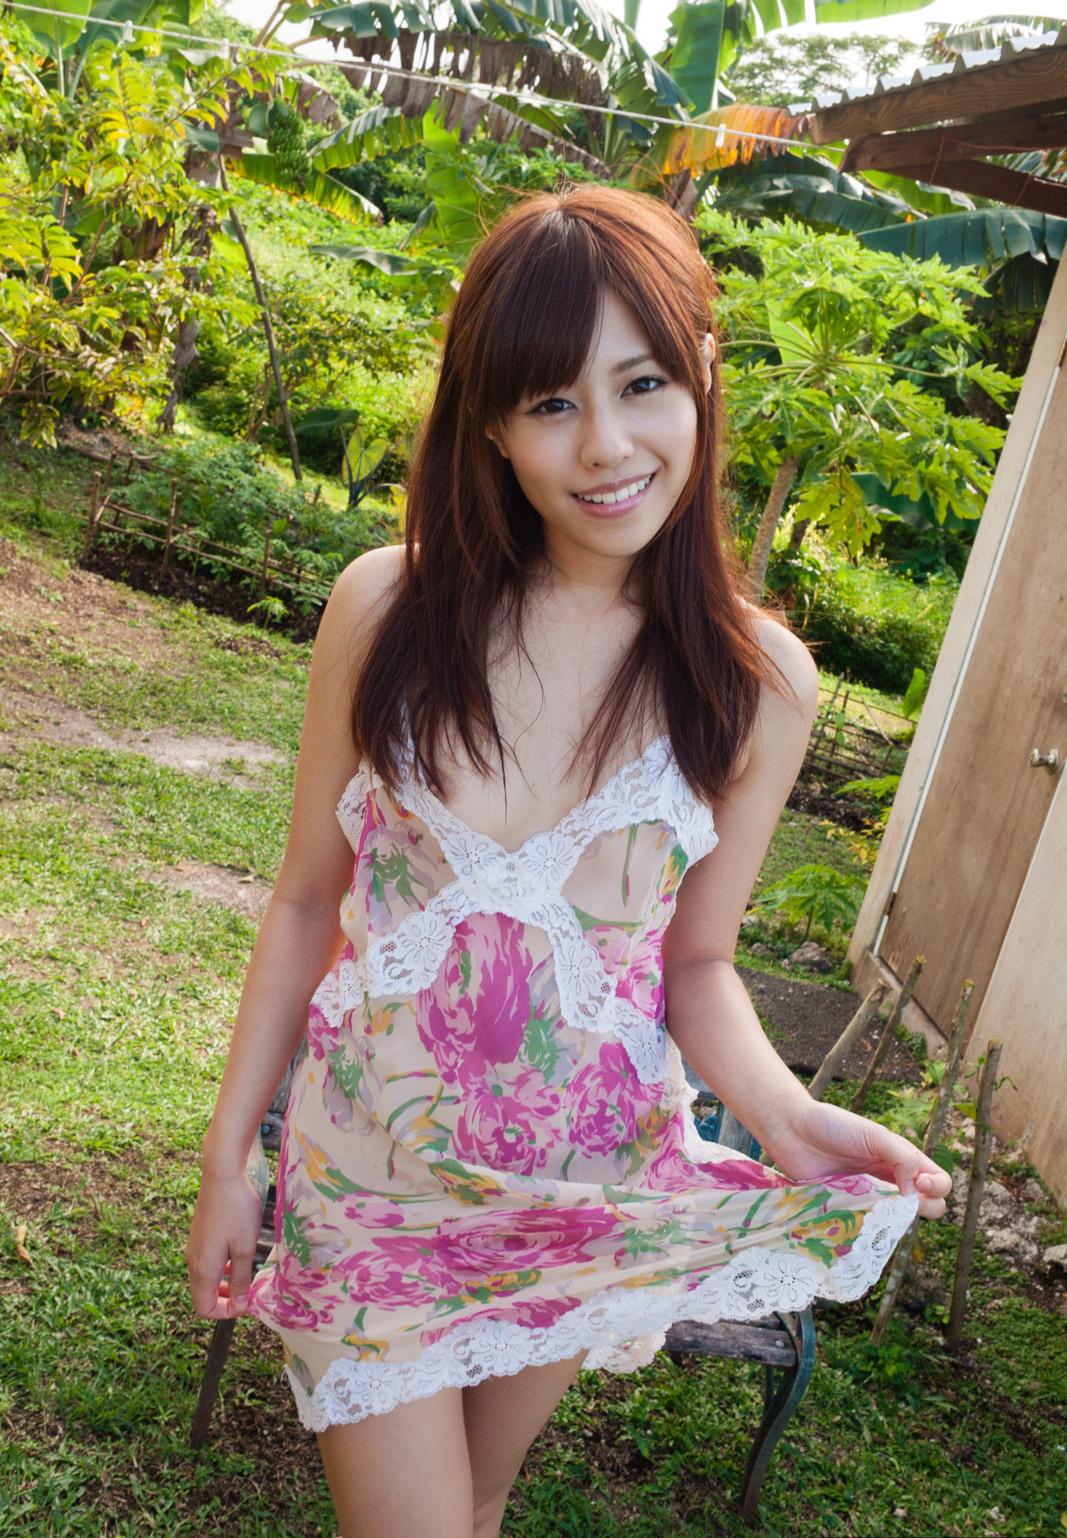 瑠川リナ 画像 82